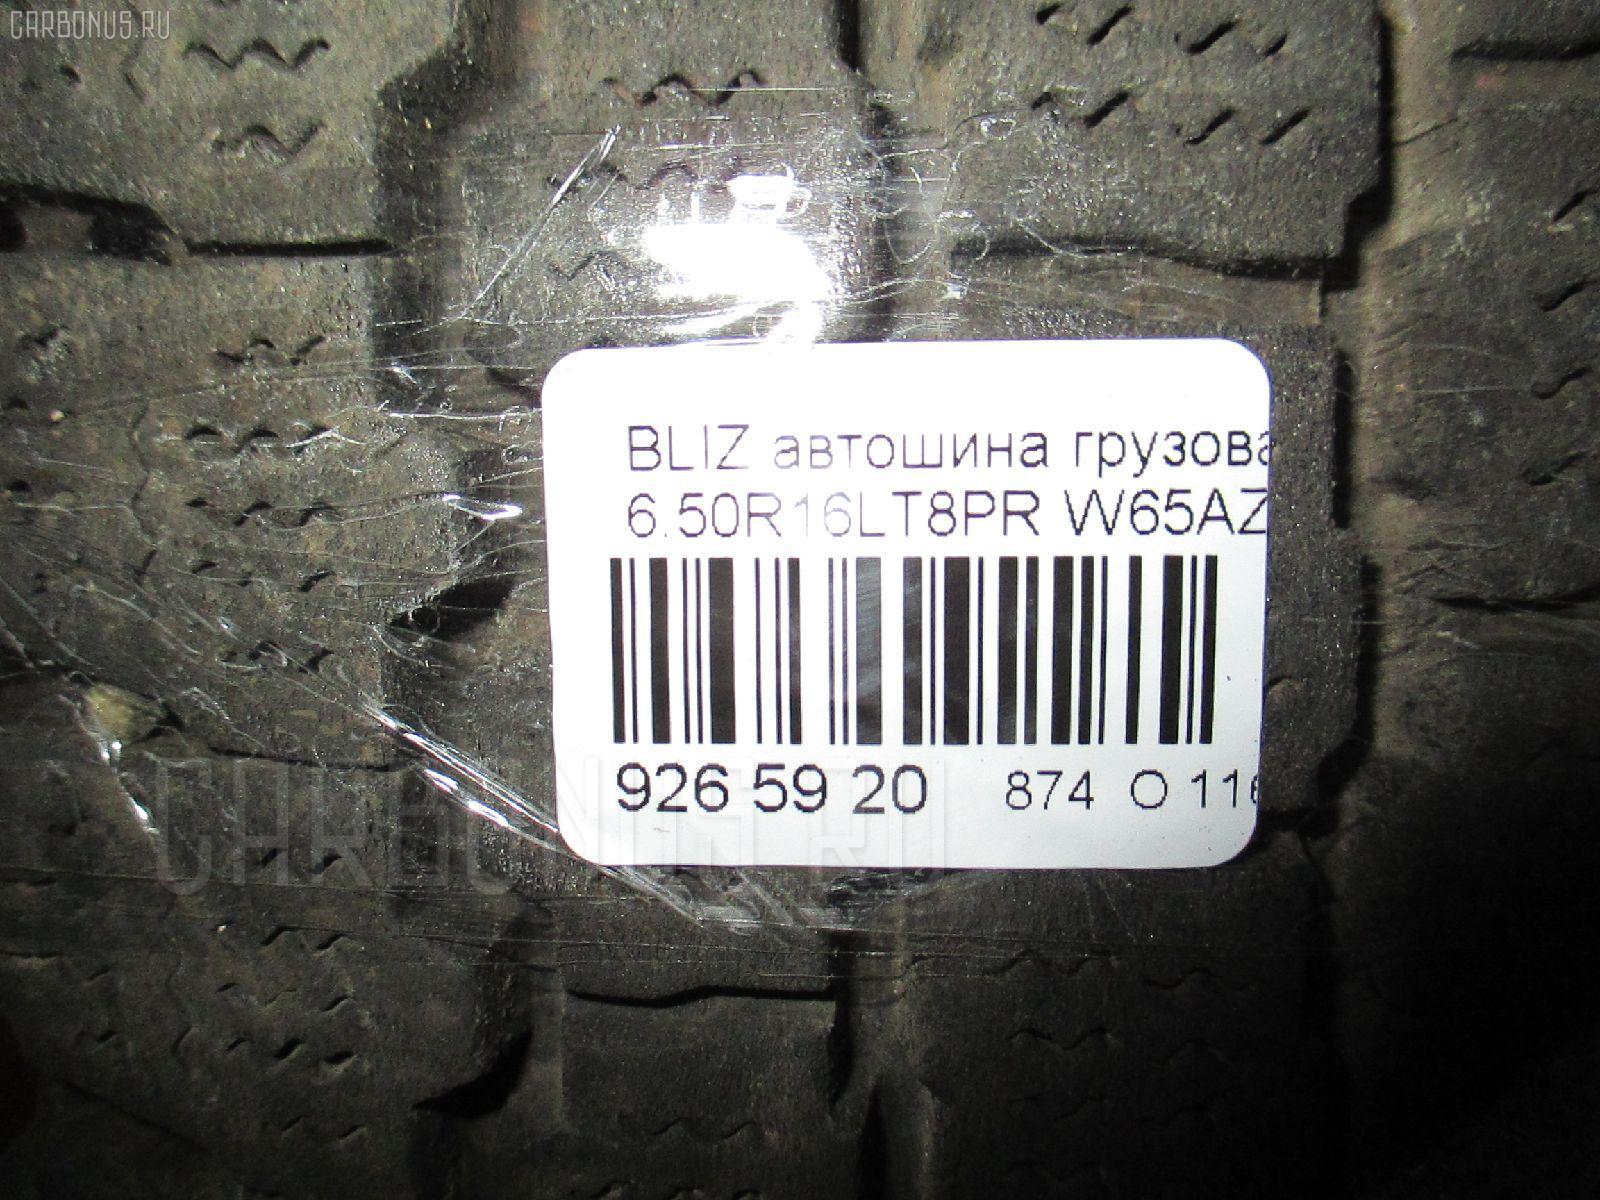 Автошина грузовая зимняя BLIZZAK W969 6.50R16LT BRIDGESTONE W65AZ Фото 4